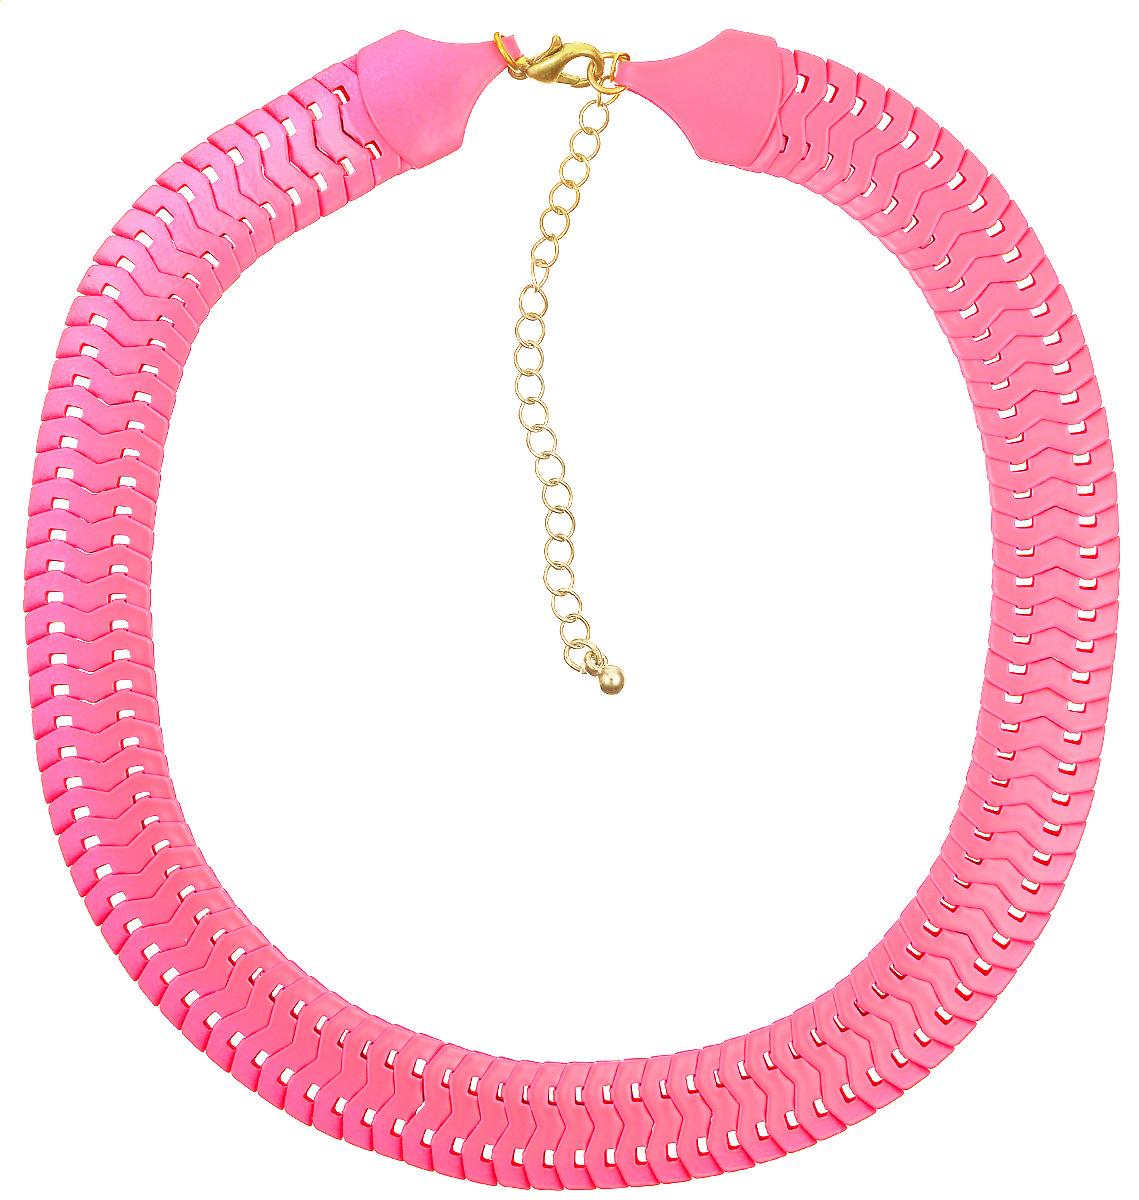 Колье Kawaii Factory Flat, цвет: ярко-розовый. KW091-000082Ожерелье (короткие многоярусные бусы)Оригинальное колье Flat от Kawaii Factory похоже на маленькую яркую змейку и напомнит вам о теплых летних днях. Украшение выглядит роскошно и беззаботно, что позволяет носить его и днем, и вечером, имеет хорошо продуманный дизайн и идеальное качество. Колье выполнено из металлических плоских звеньев и застегивается на удобный замок-карабин.Такое колье позволит вам создать игривый, запоминающийся образ для любого случая жизни. Изделие подчеркнет изысканные линии декольте и изгиб шеи, а яркая цветовая гамма дополнит любой наряд.